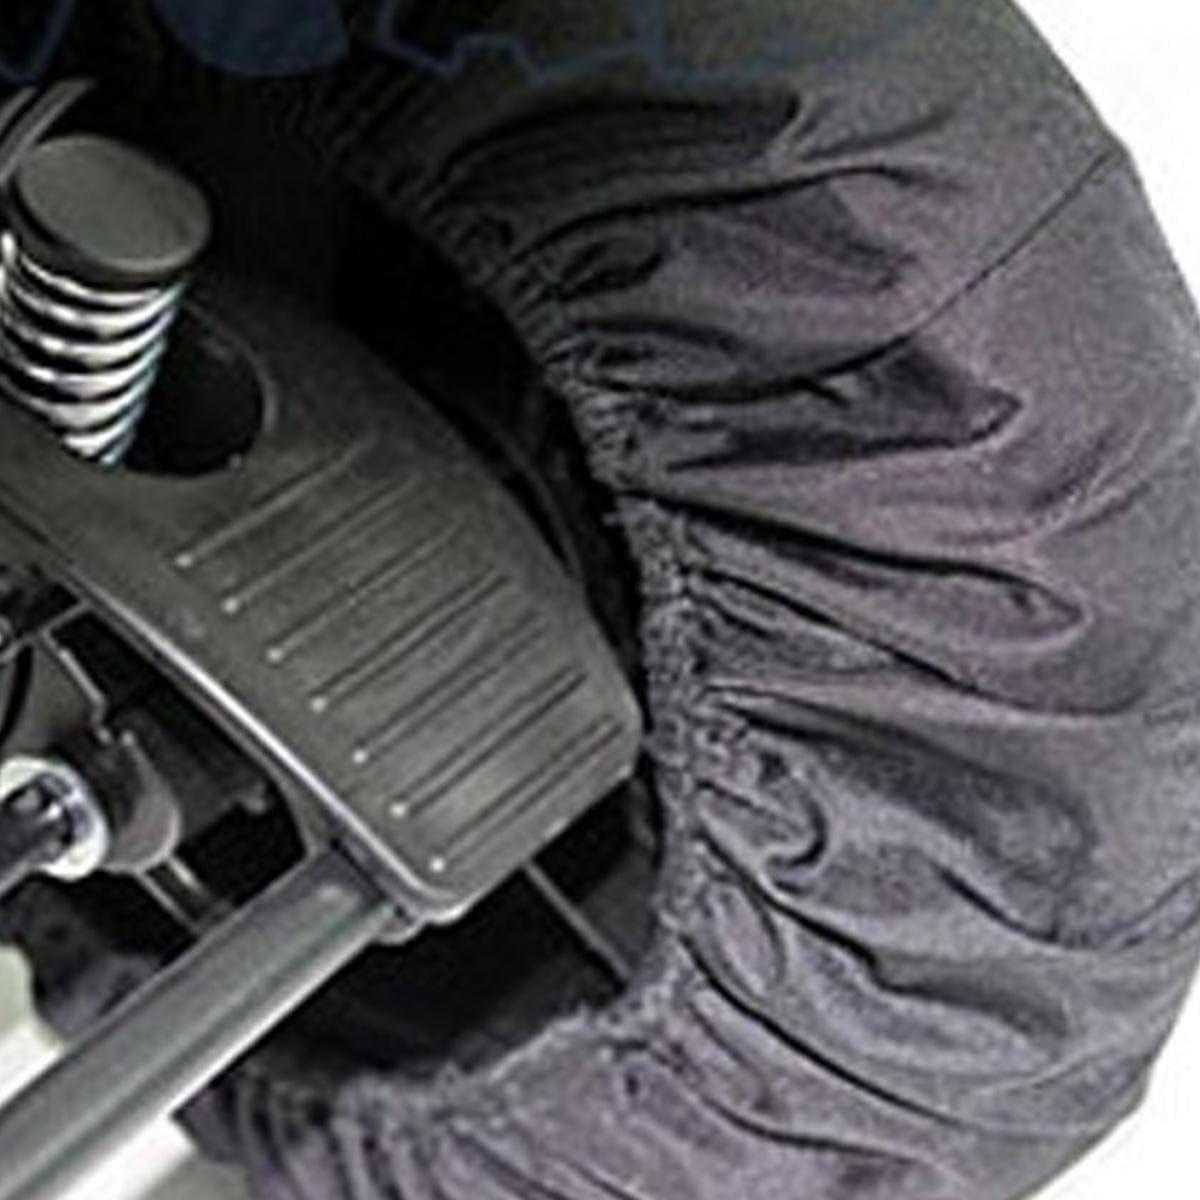 /Carrito de beb/é para cochecito de ruedas para carrito para accesorios a prueba de rueda pantalla Color Talla:L domybest/